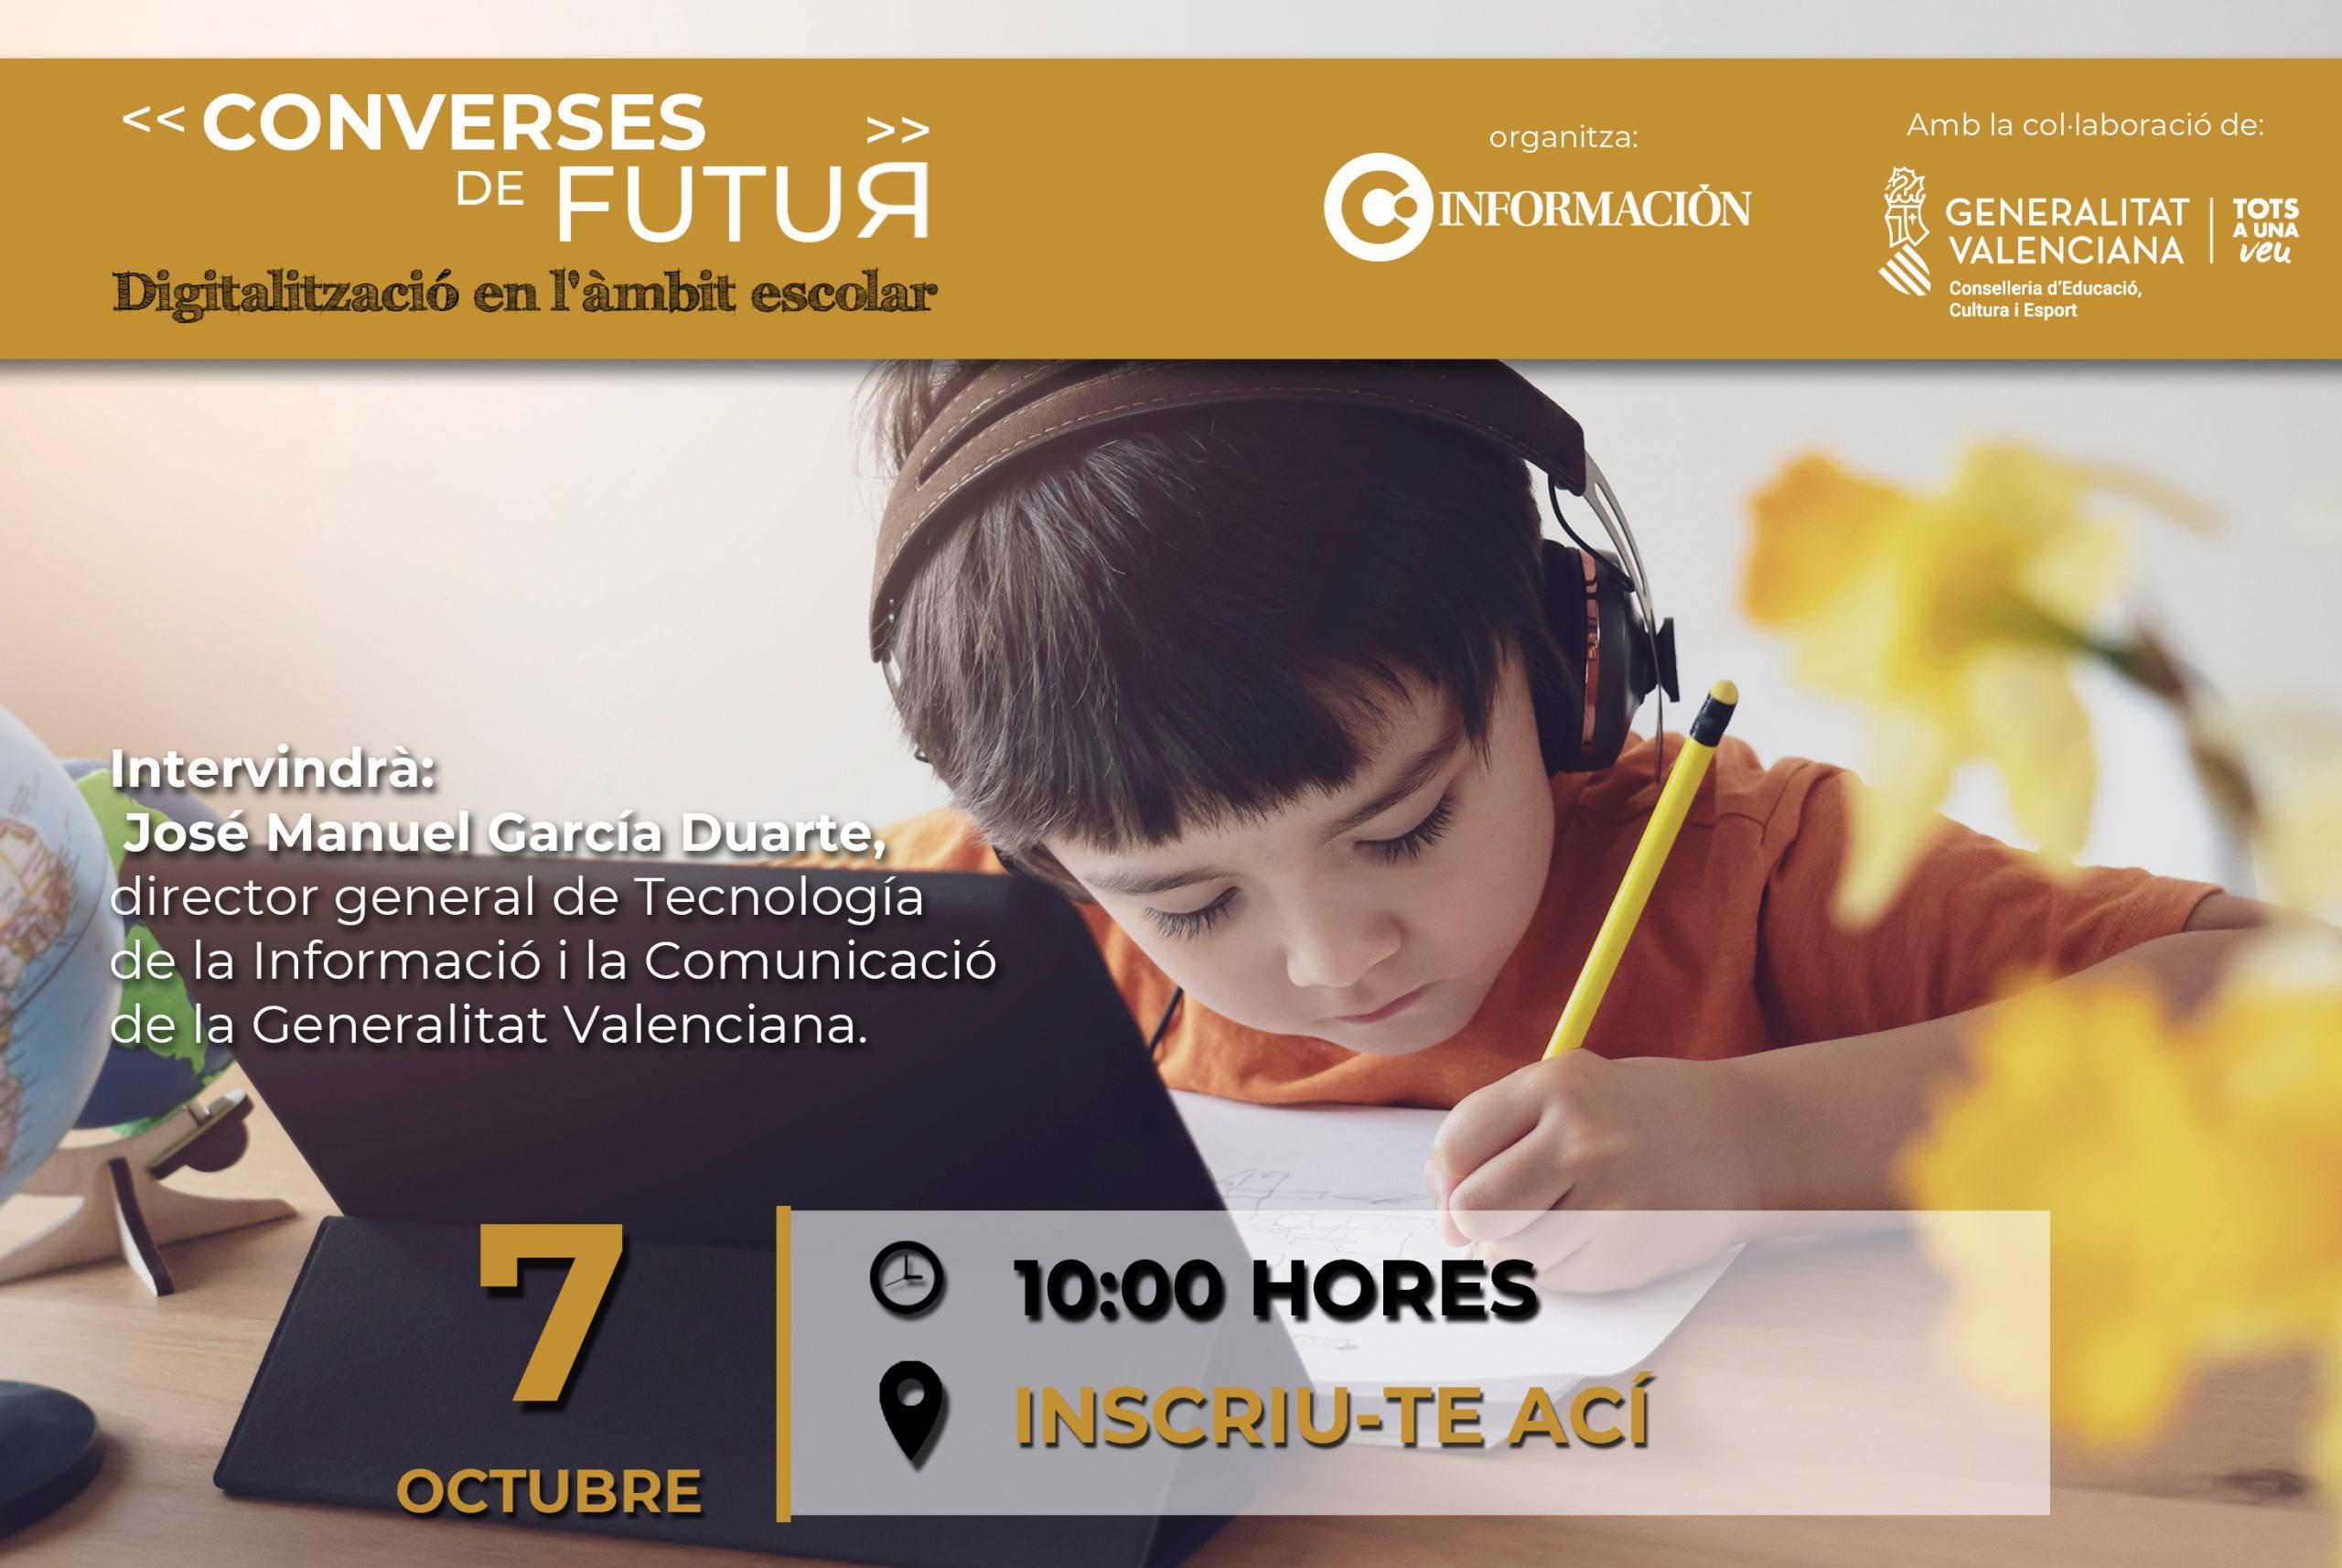 CONVERSES DE FUTUR: Digitalització en l'àmbit escolar